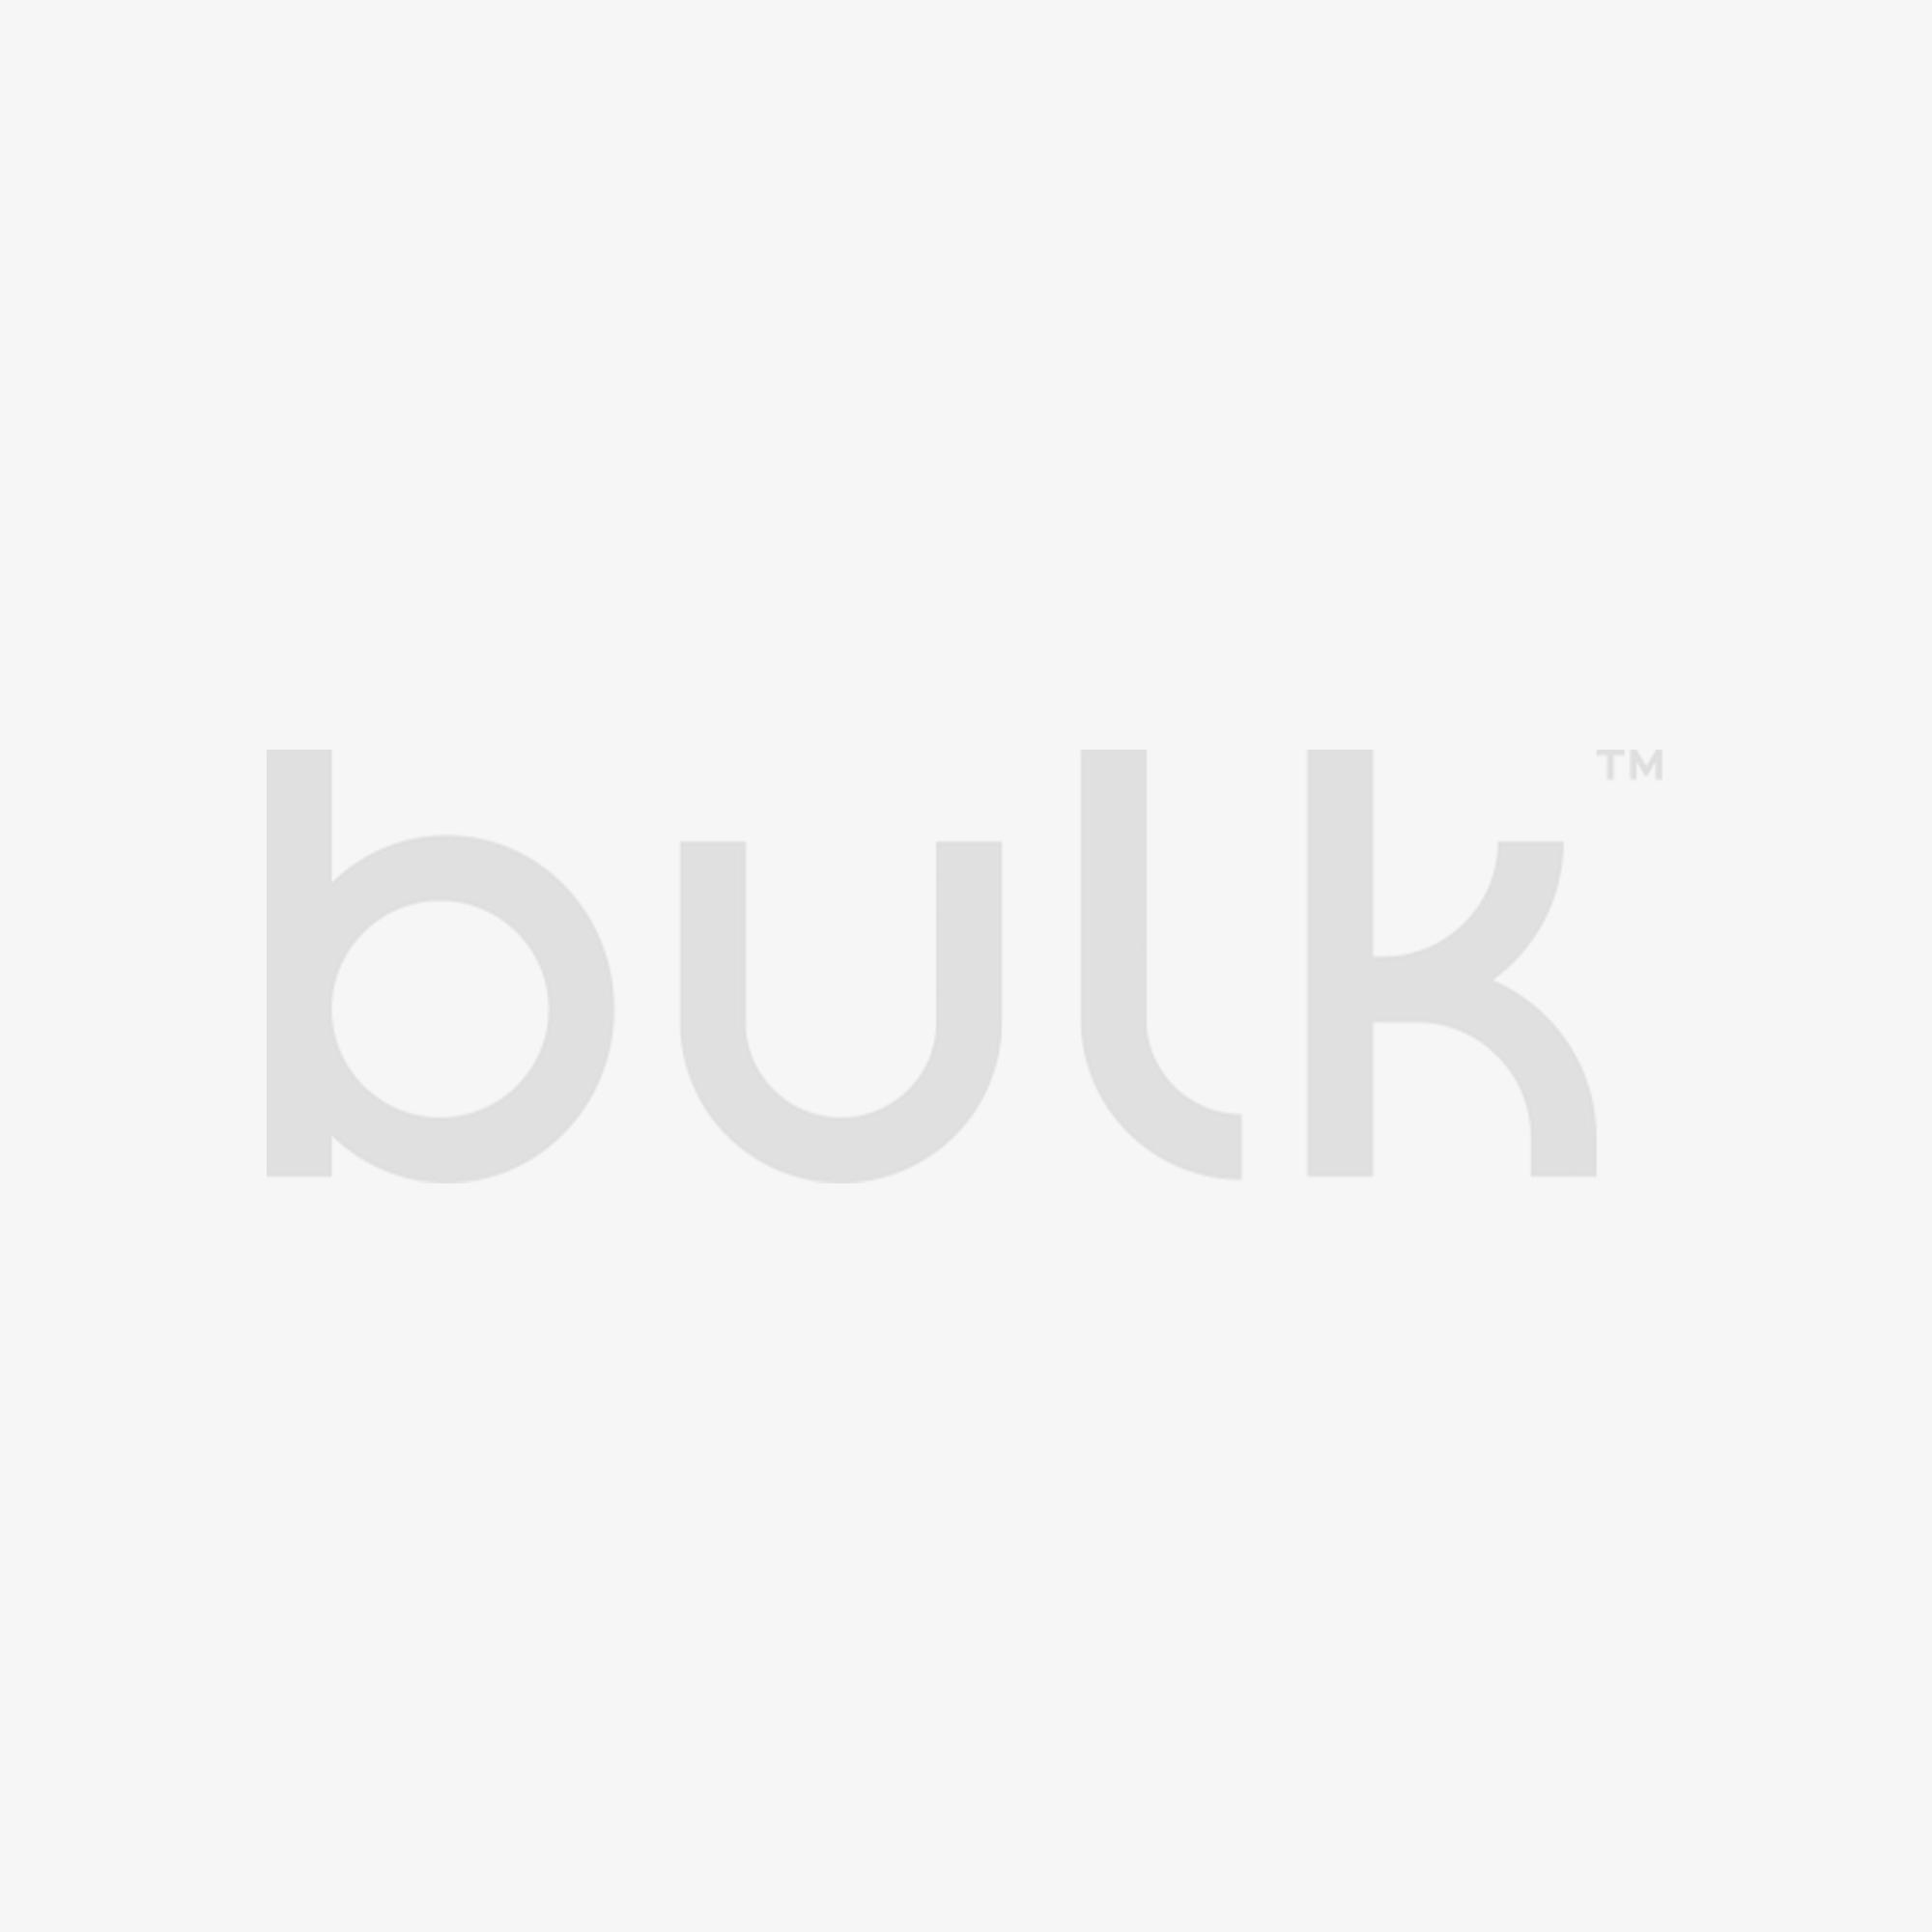 Advanced Bulking Bundle